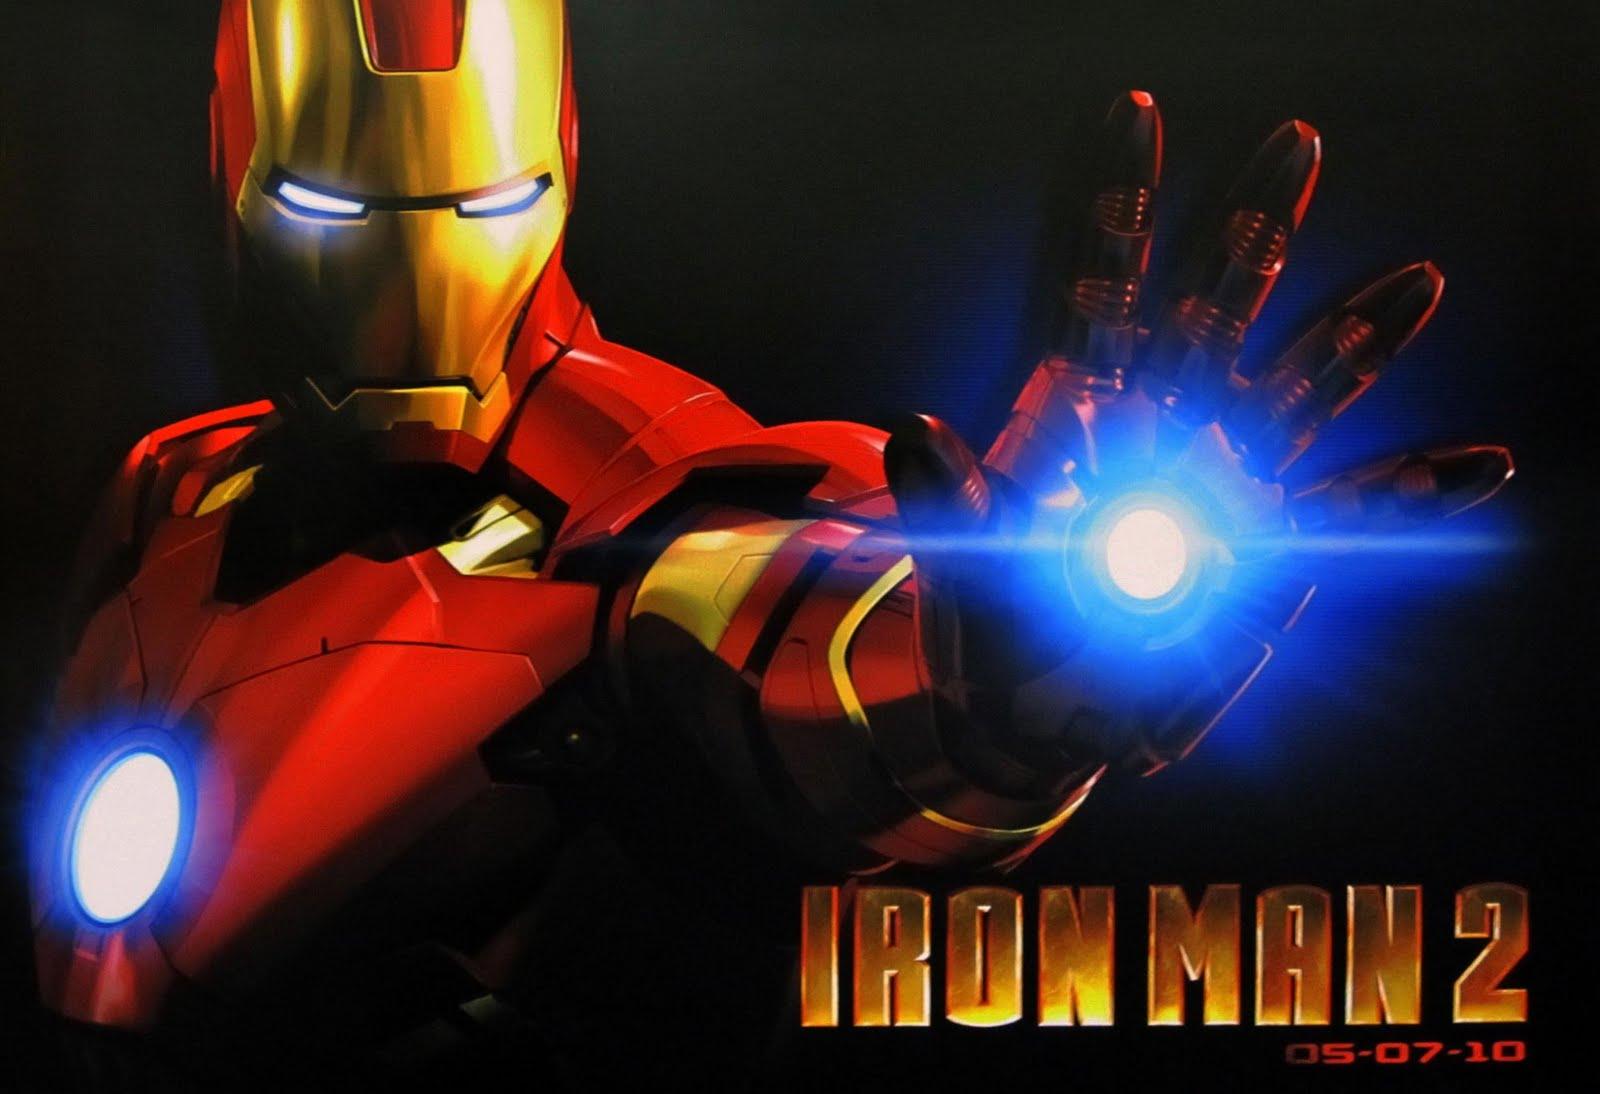 http://3.bp.blogspot.com/_11htW2hQIxo/S-mKHSRiZaI/AAAAAAAAAFA/0pDJH7vgNO0/s1600/iron_man_2_poster.jpg